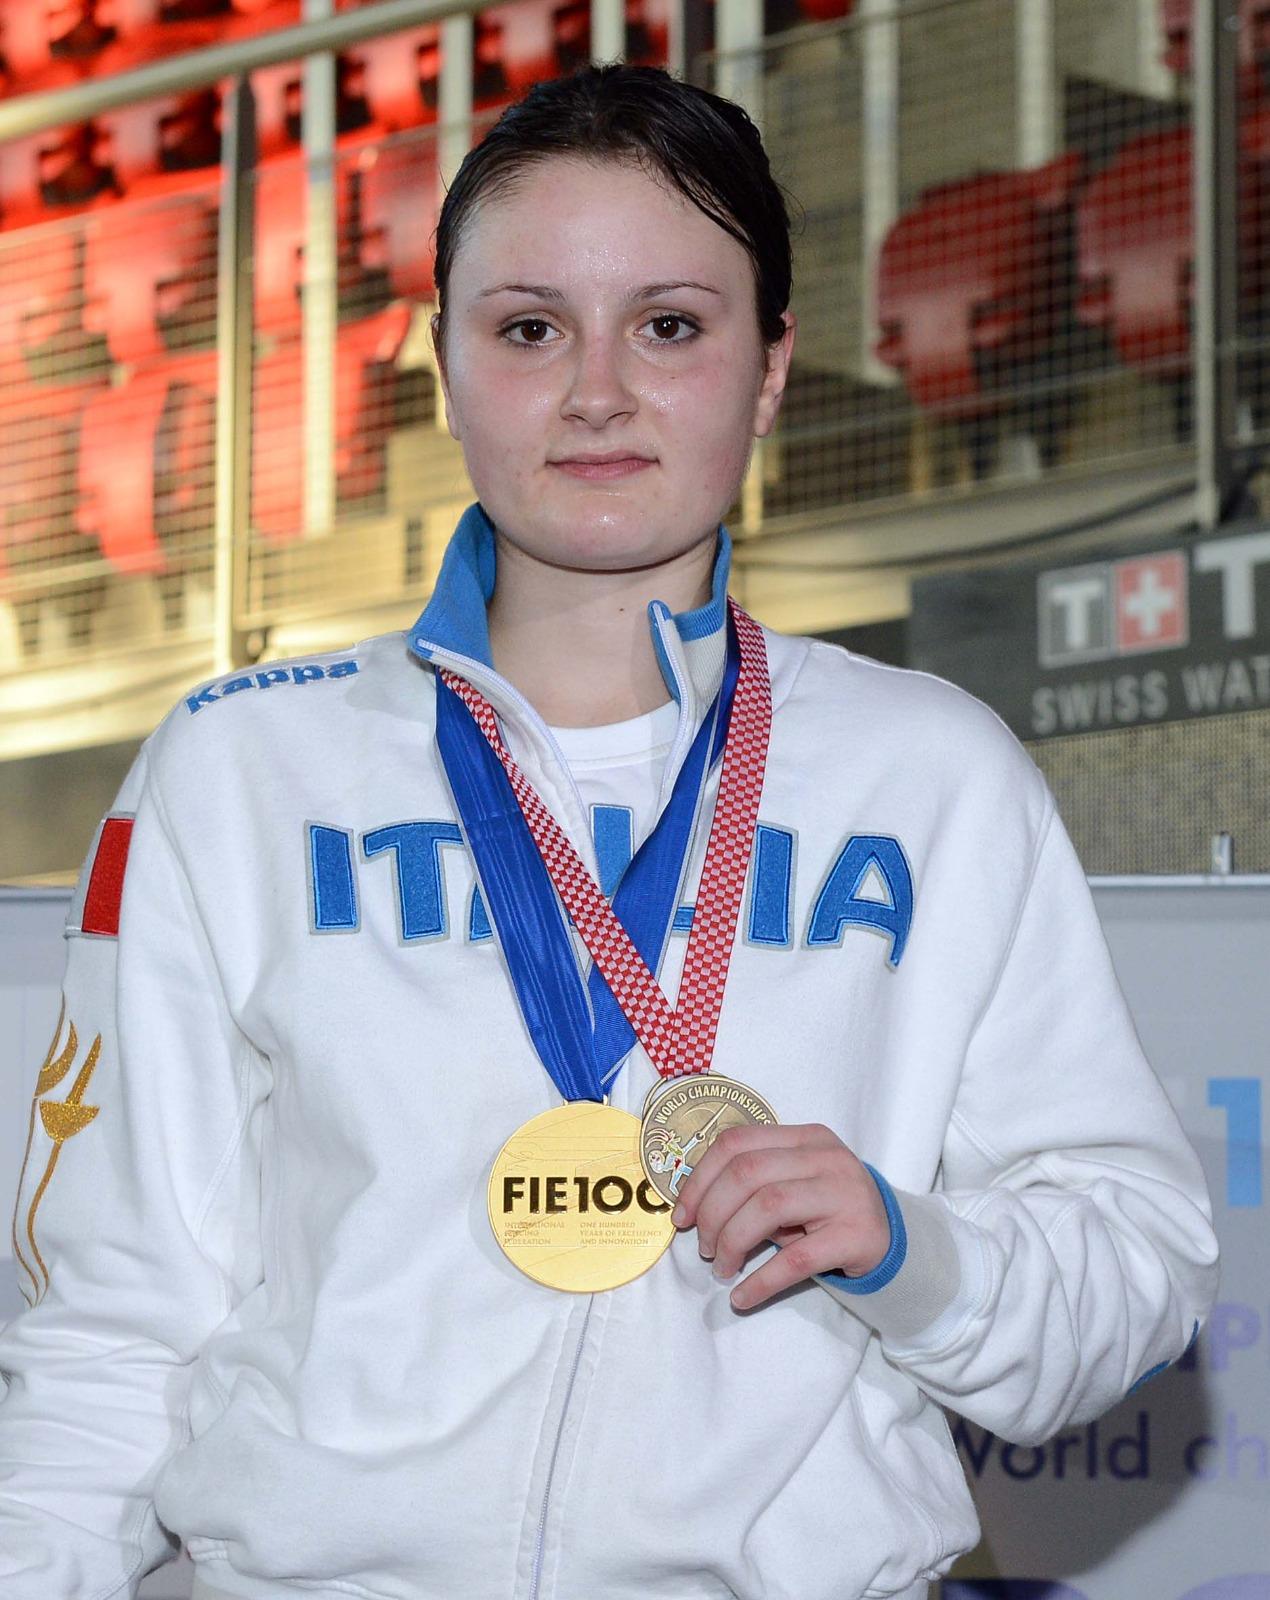 Camilla Mancini